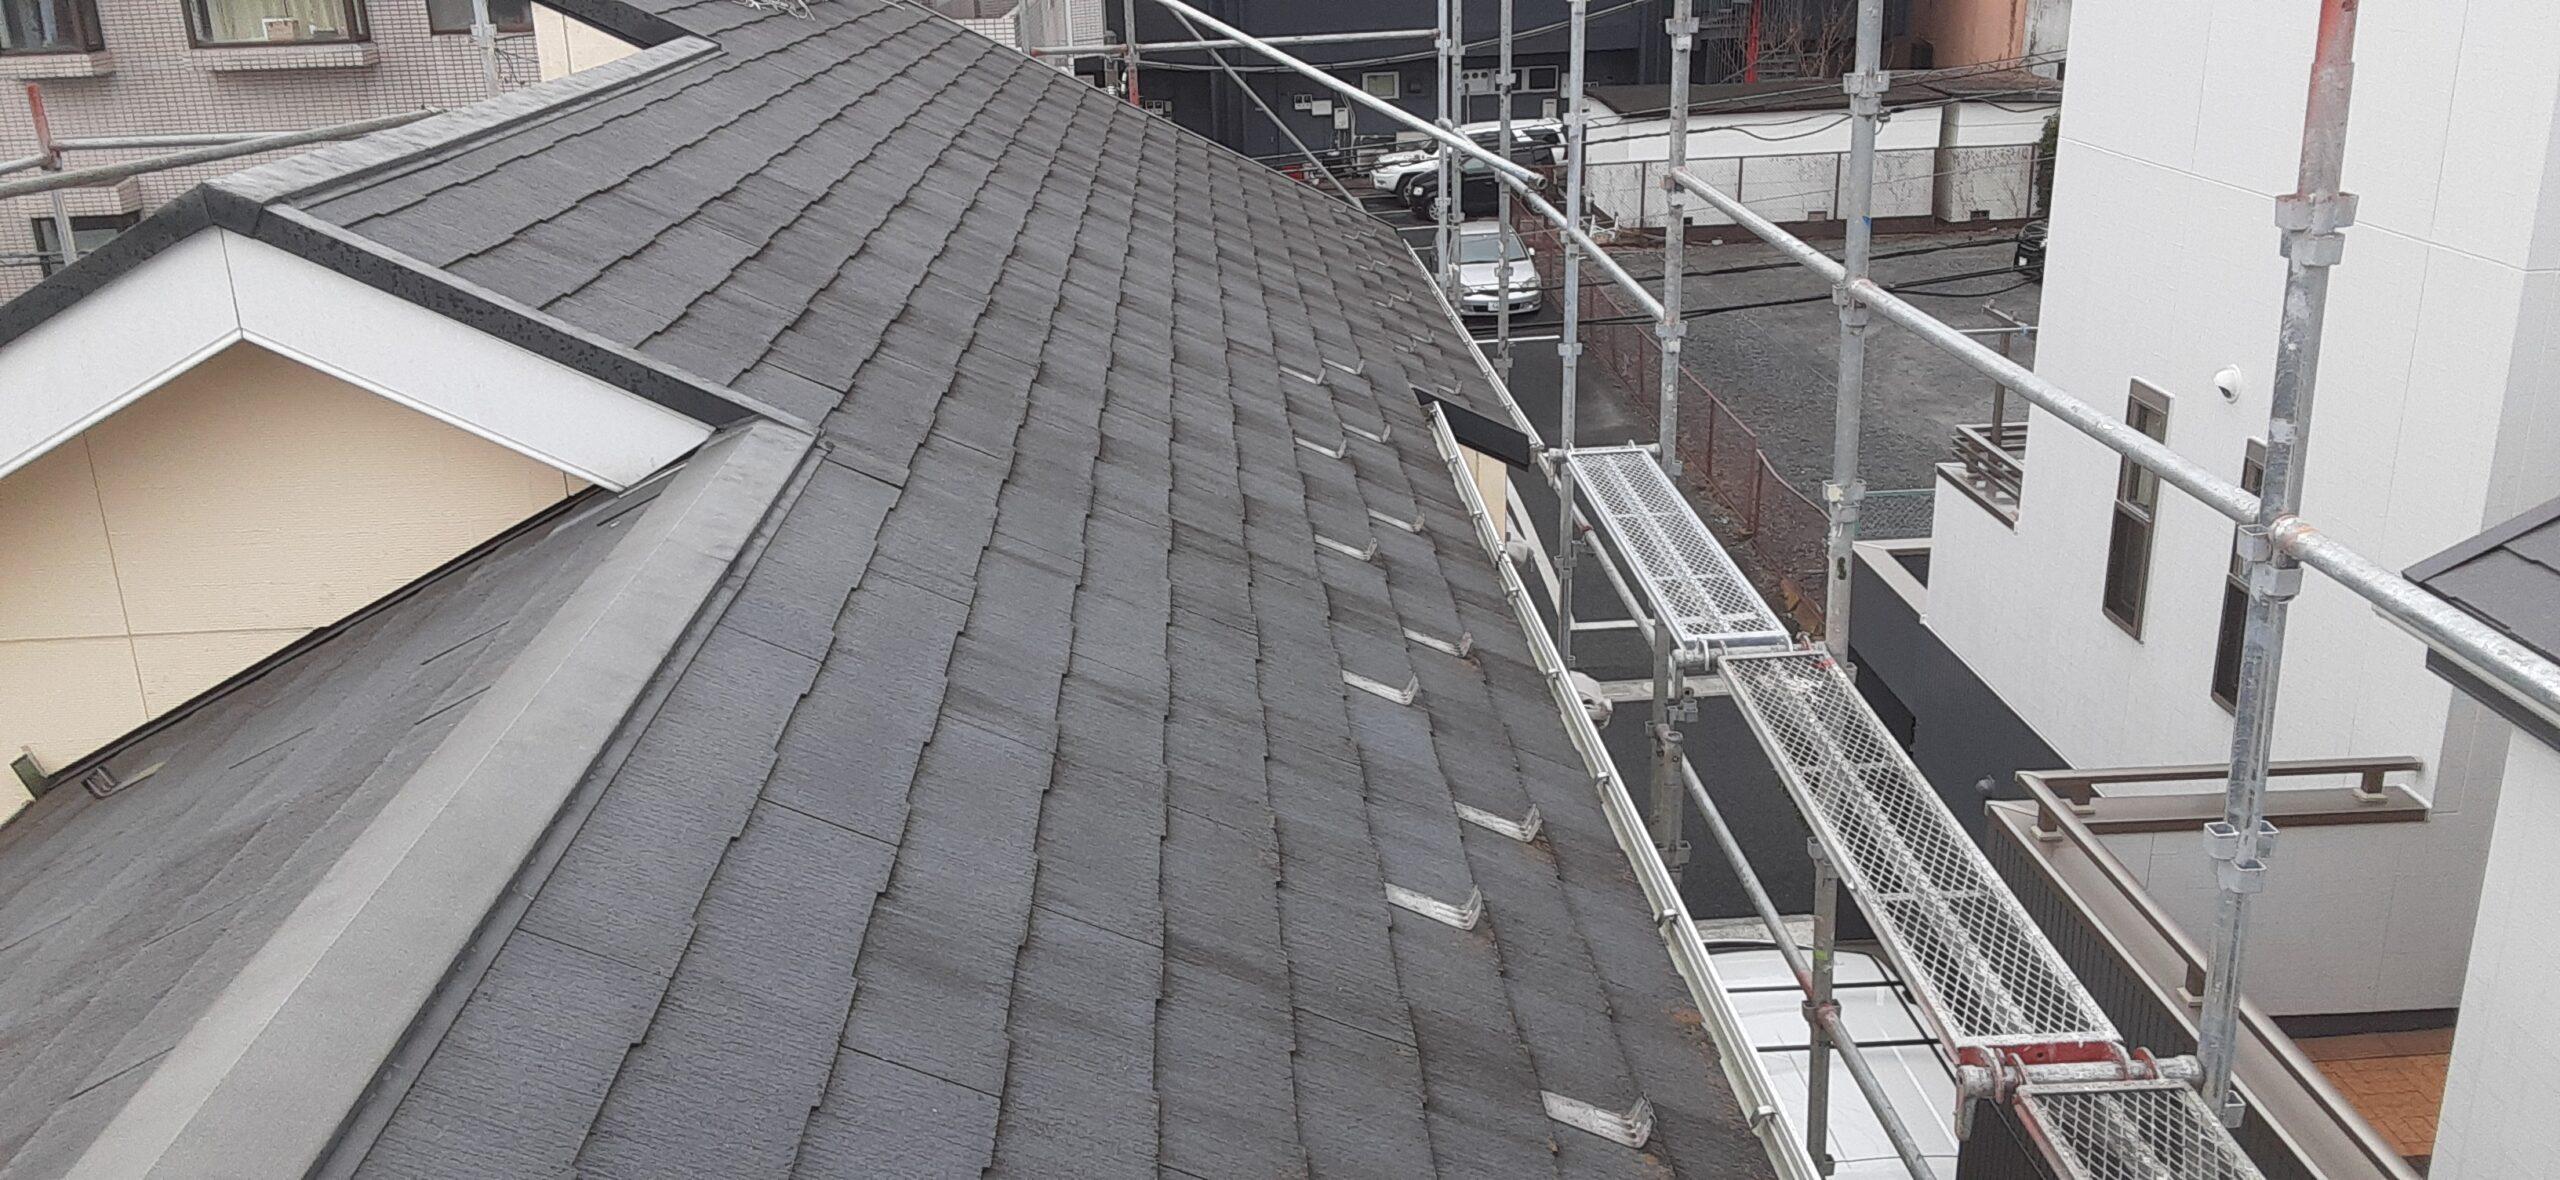 屋根の塗り替えリホーム/さいたま市岩槻区の(木造2階建て)S様邸にて塗り替えリホーム中